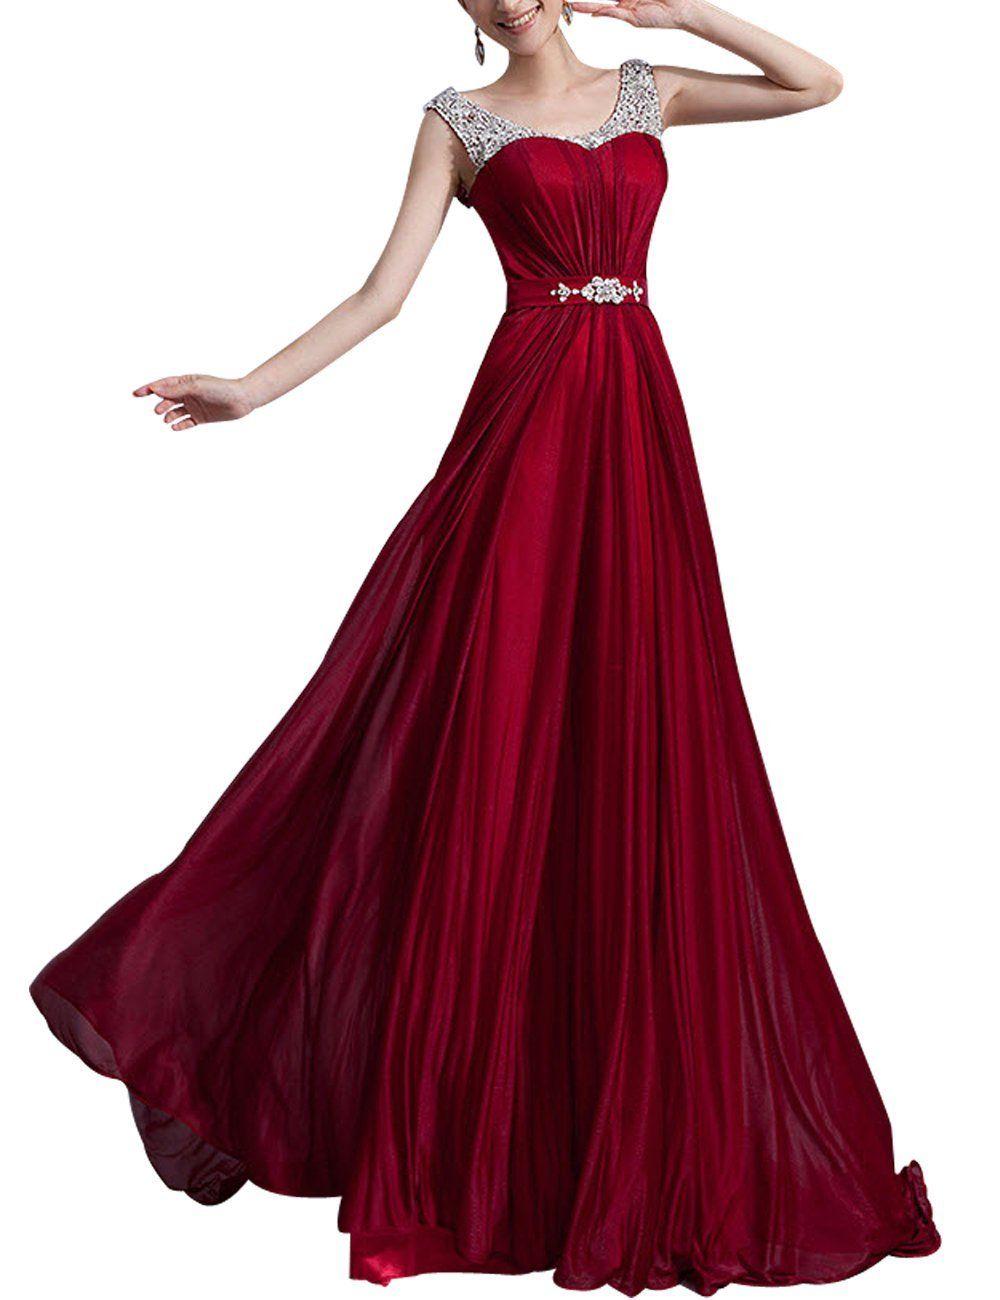 Lactraum Brautjungfernkleid Ballkleid Abendkleid Abschlussball